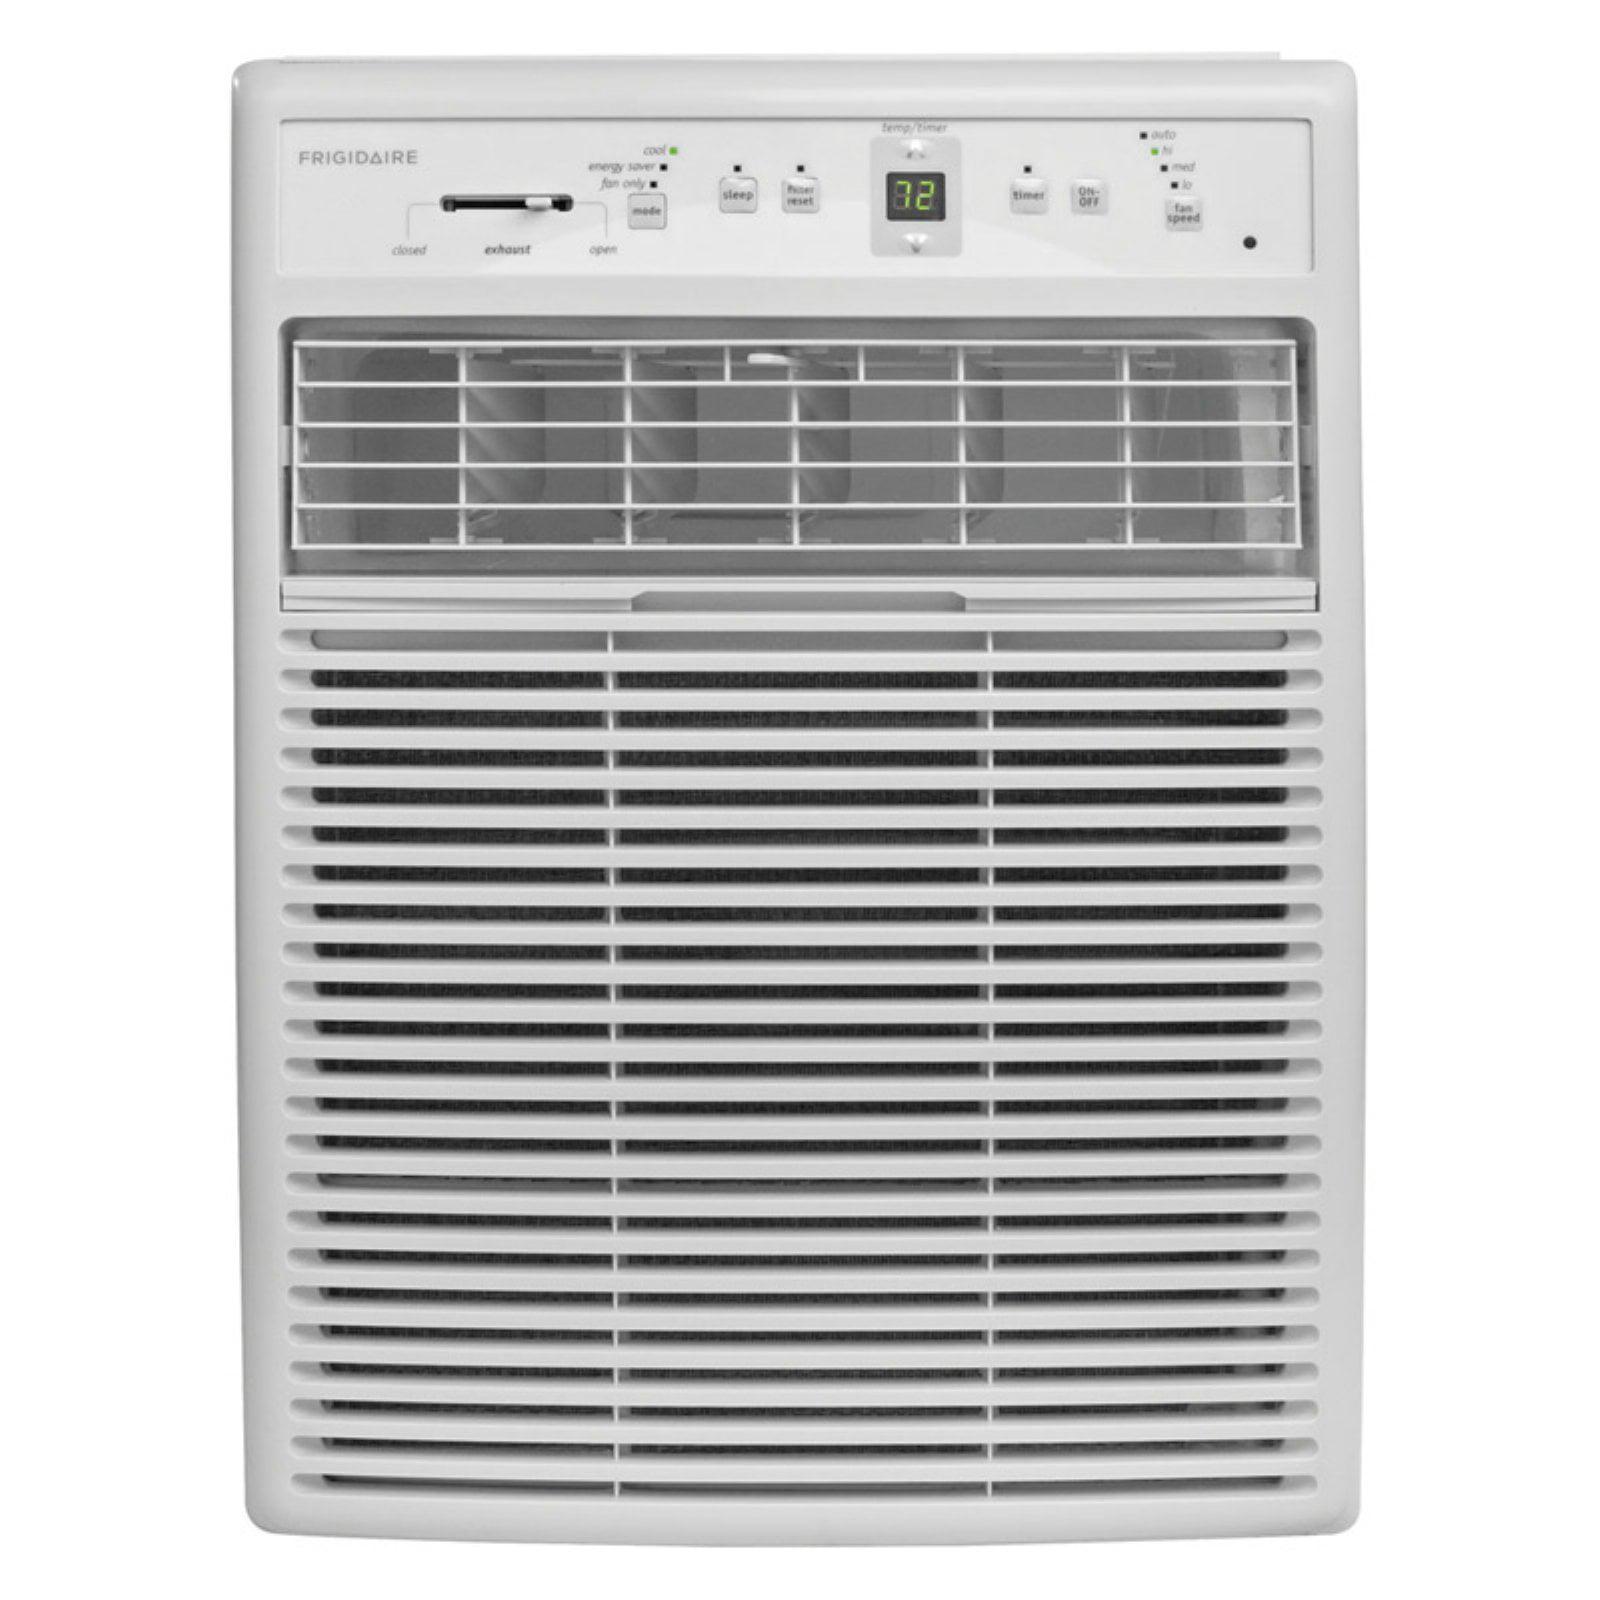 Frigidaire FFRS0822S1 8000 BTU Slider and Casement Window Air Conditioner